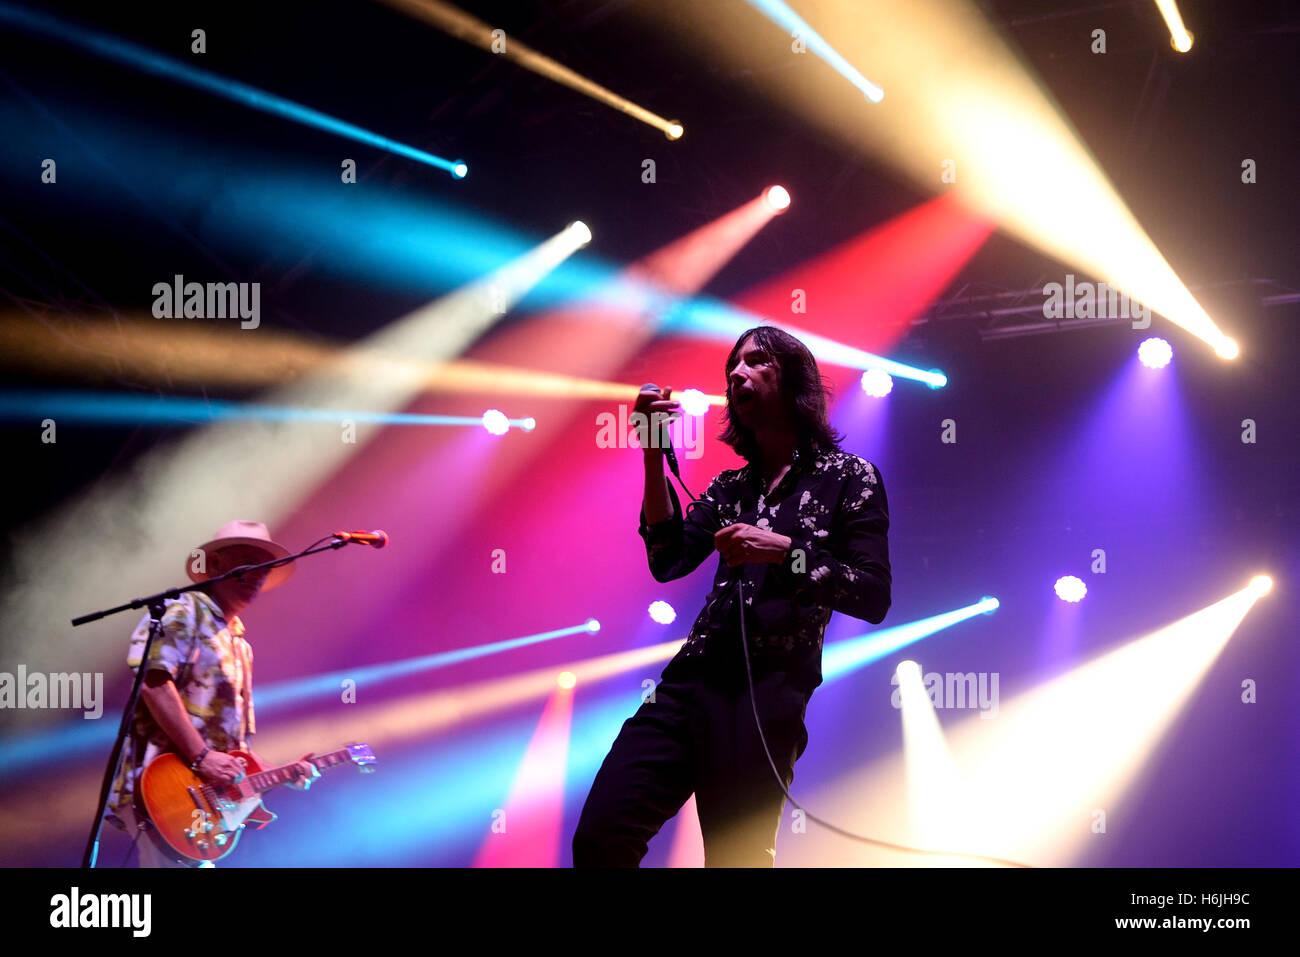 BARCELONA - JUL 4: Primal Scream (band) in concert at Vida Festival on July 4, 2015 in Barcelona, Spain. - Stock Image